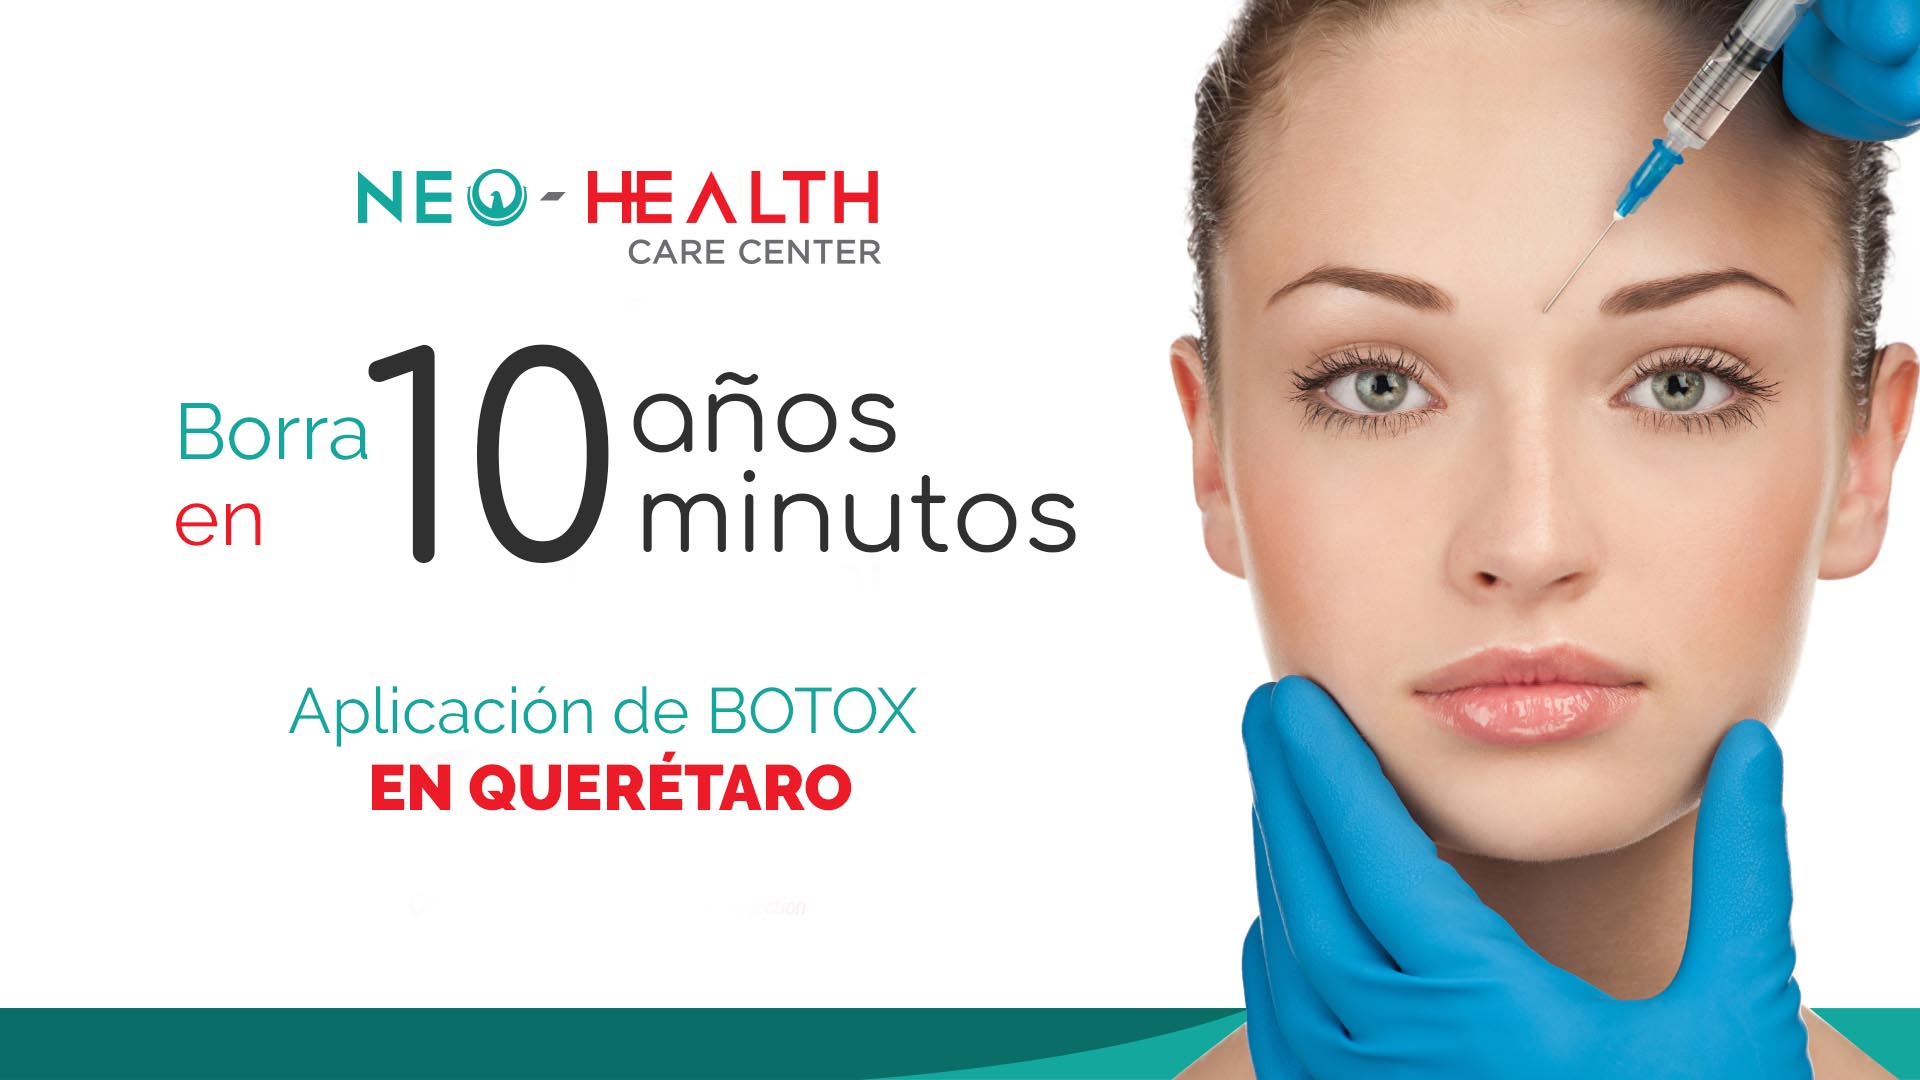 Clinicas de Botox en Queretaro